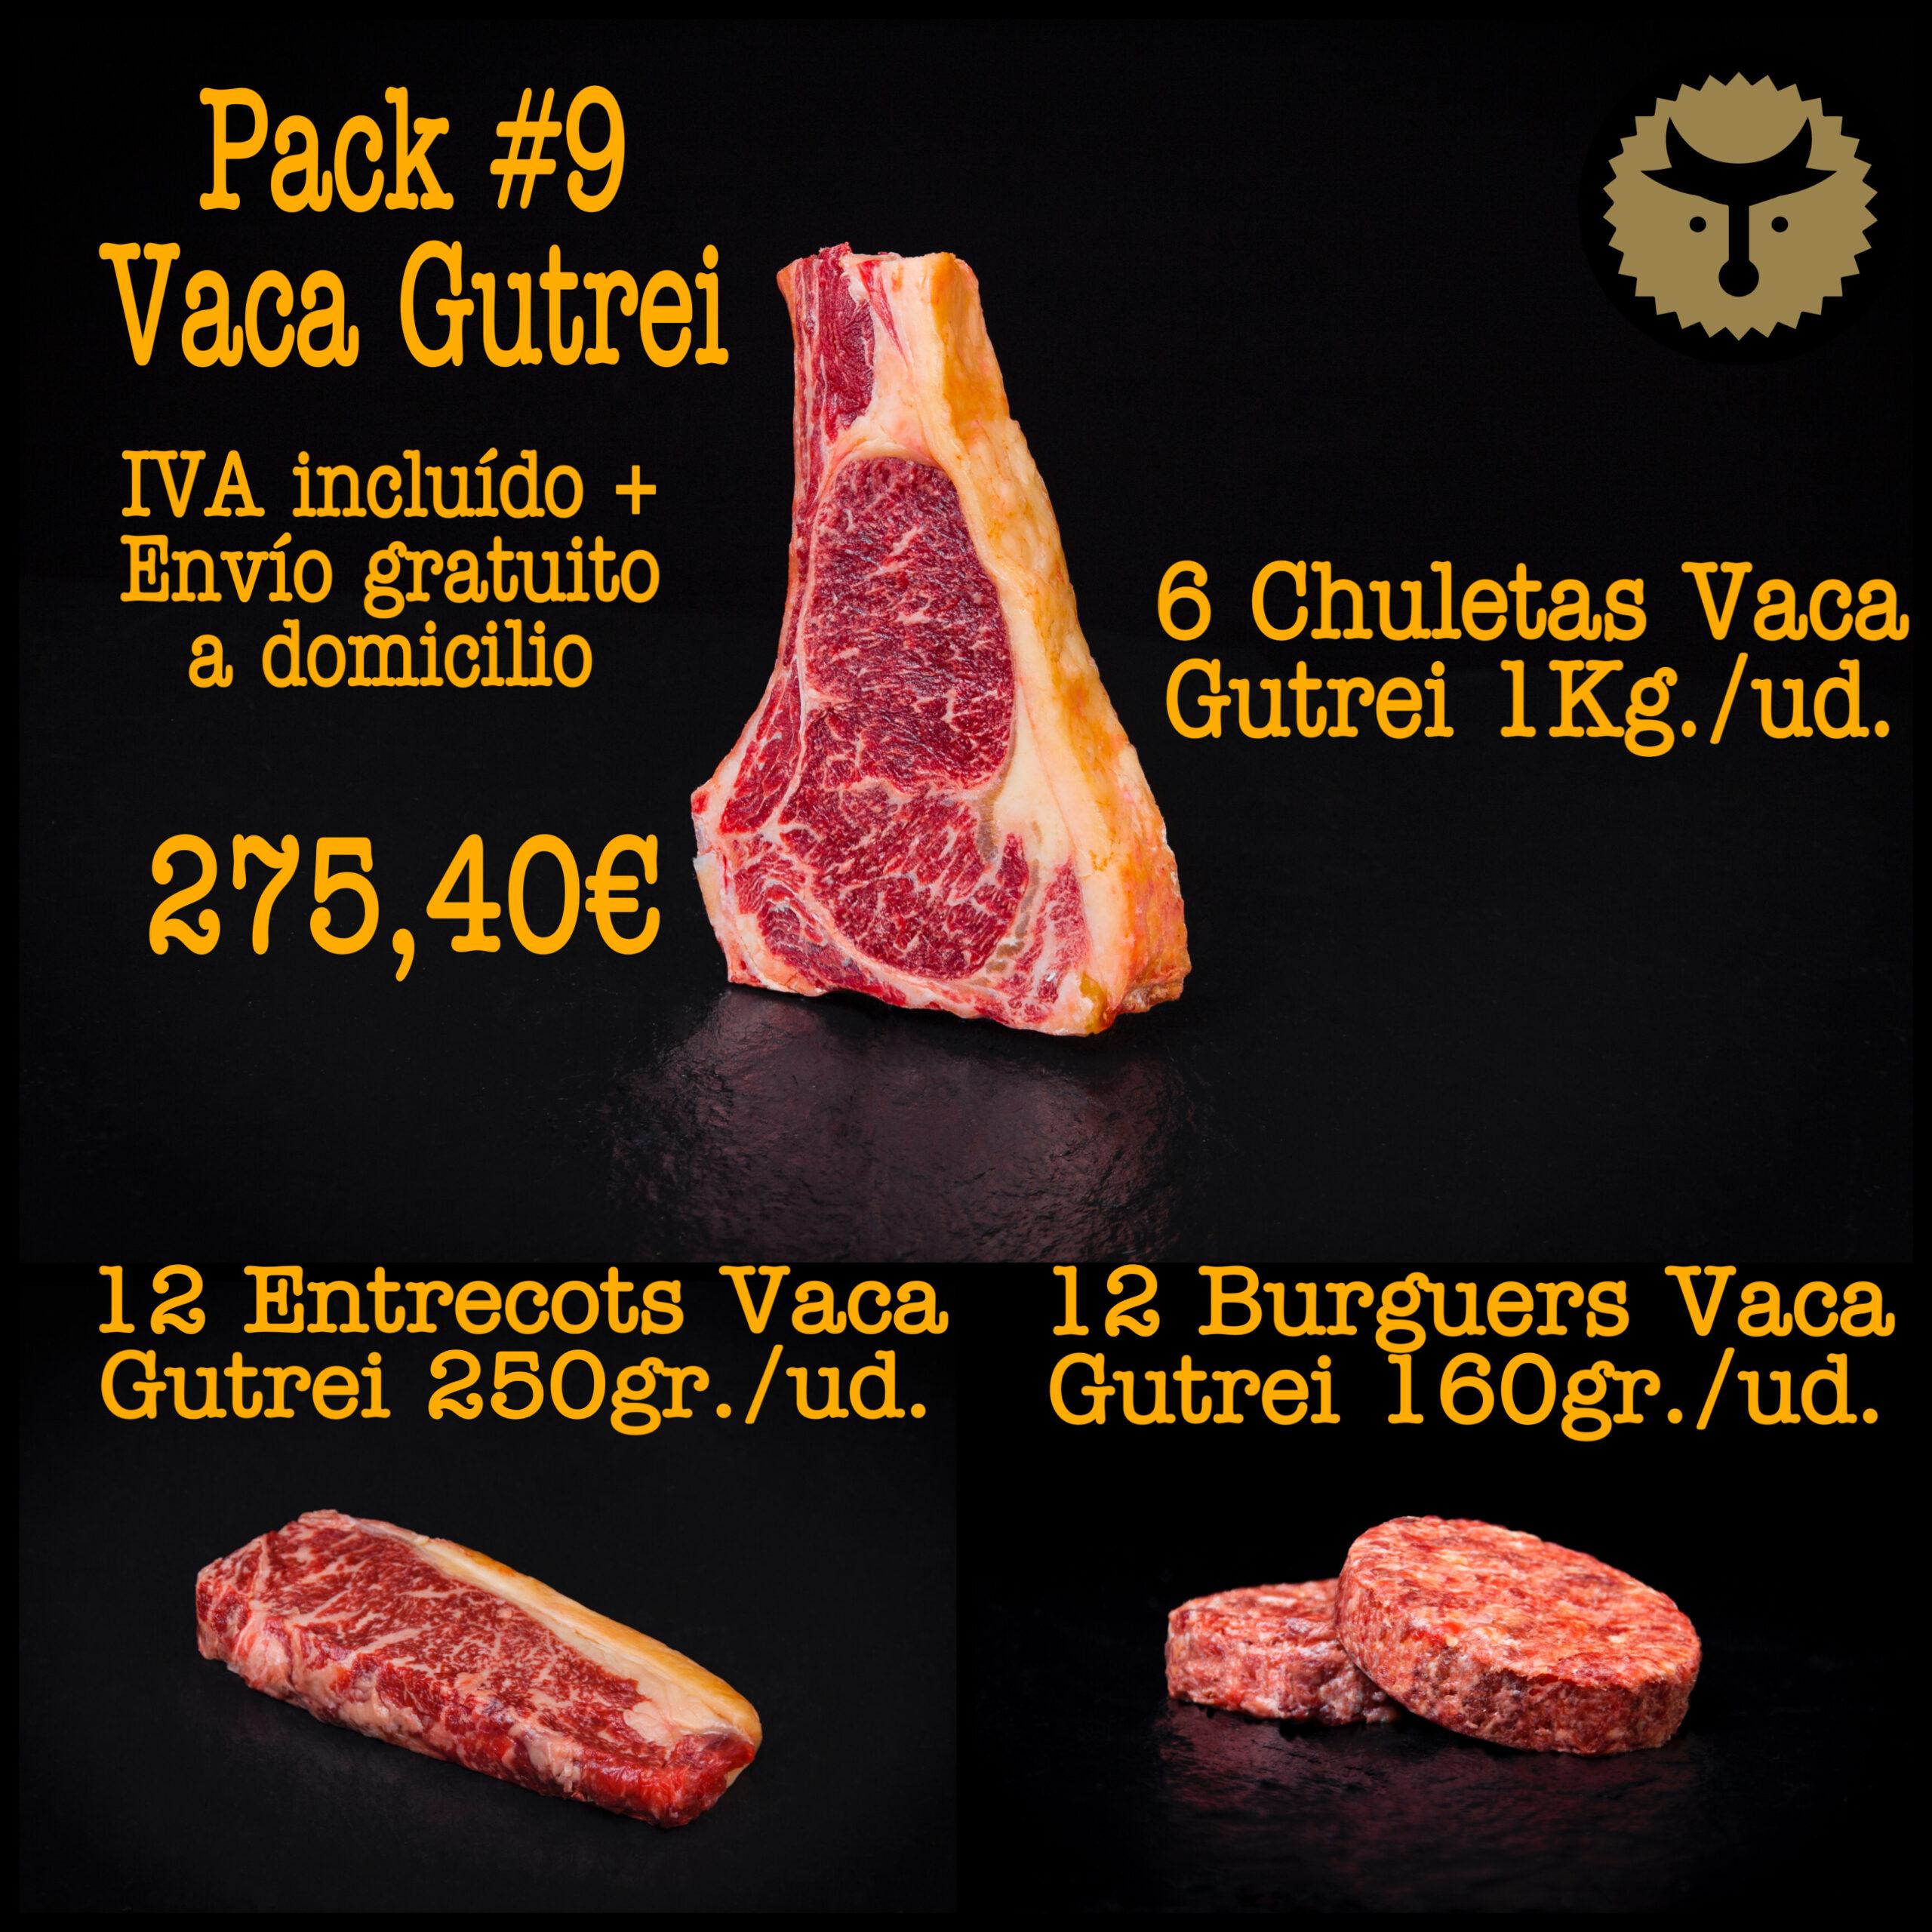 Pack 9 Vaca Gutrei